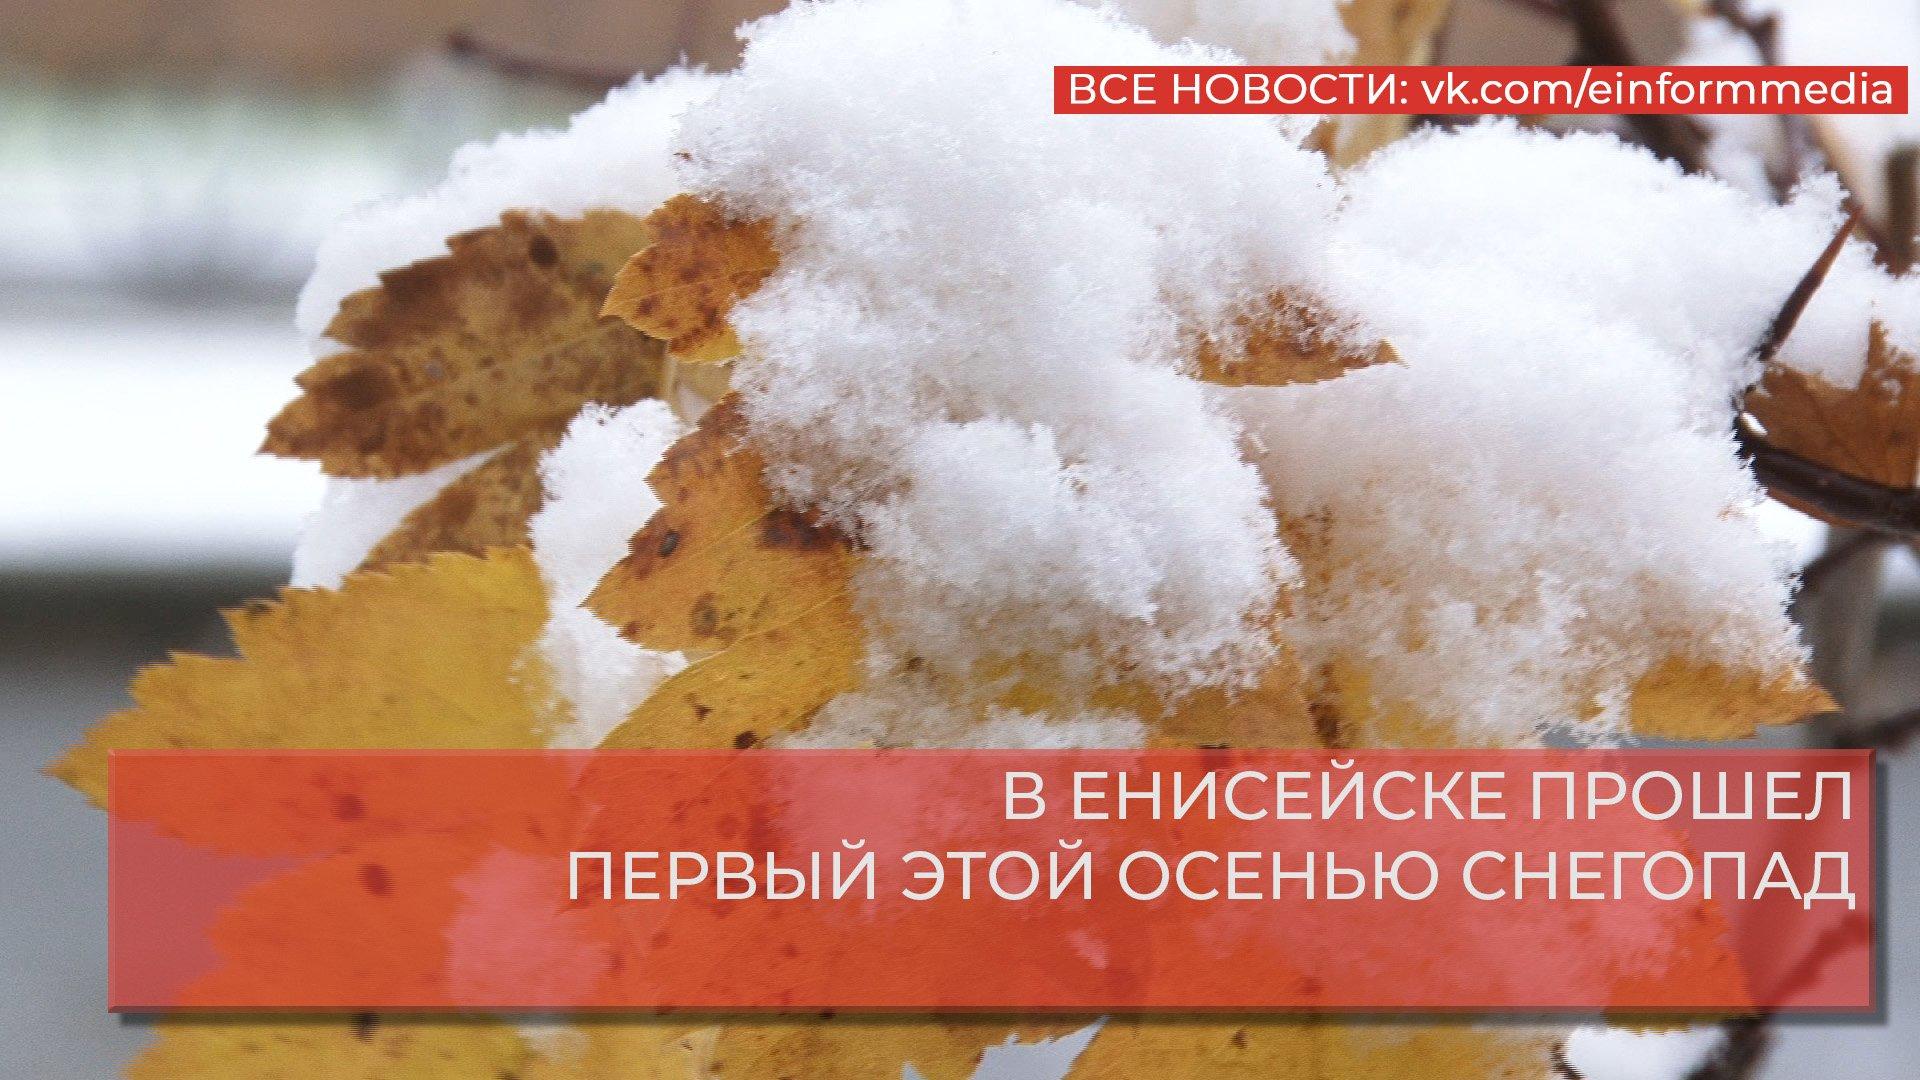 В ЕНИСЕЙСКЕ ПРОШЕЛ ПЕРВЫЙ ЭТОЙ ОСЕНЬЮ СНЕГОПАД.mp4